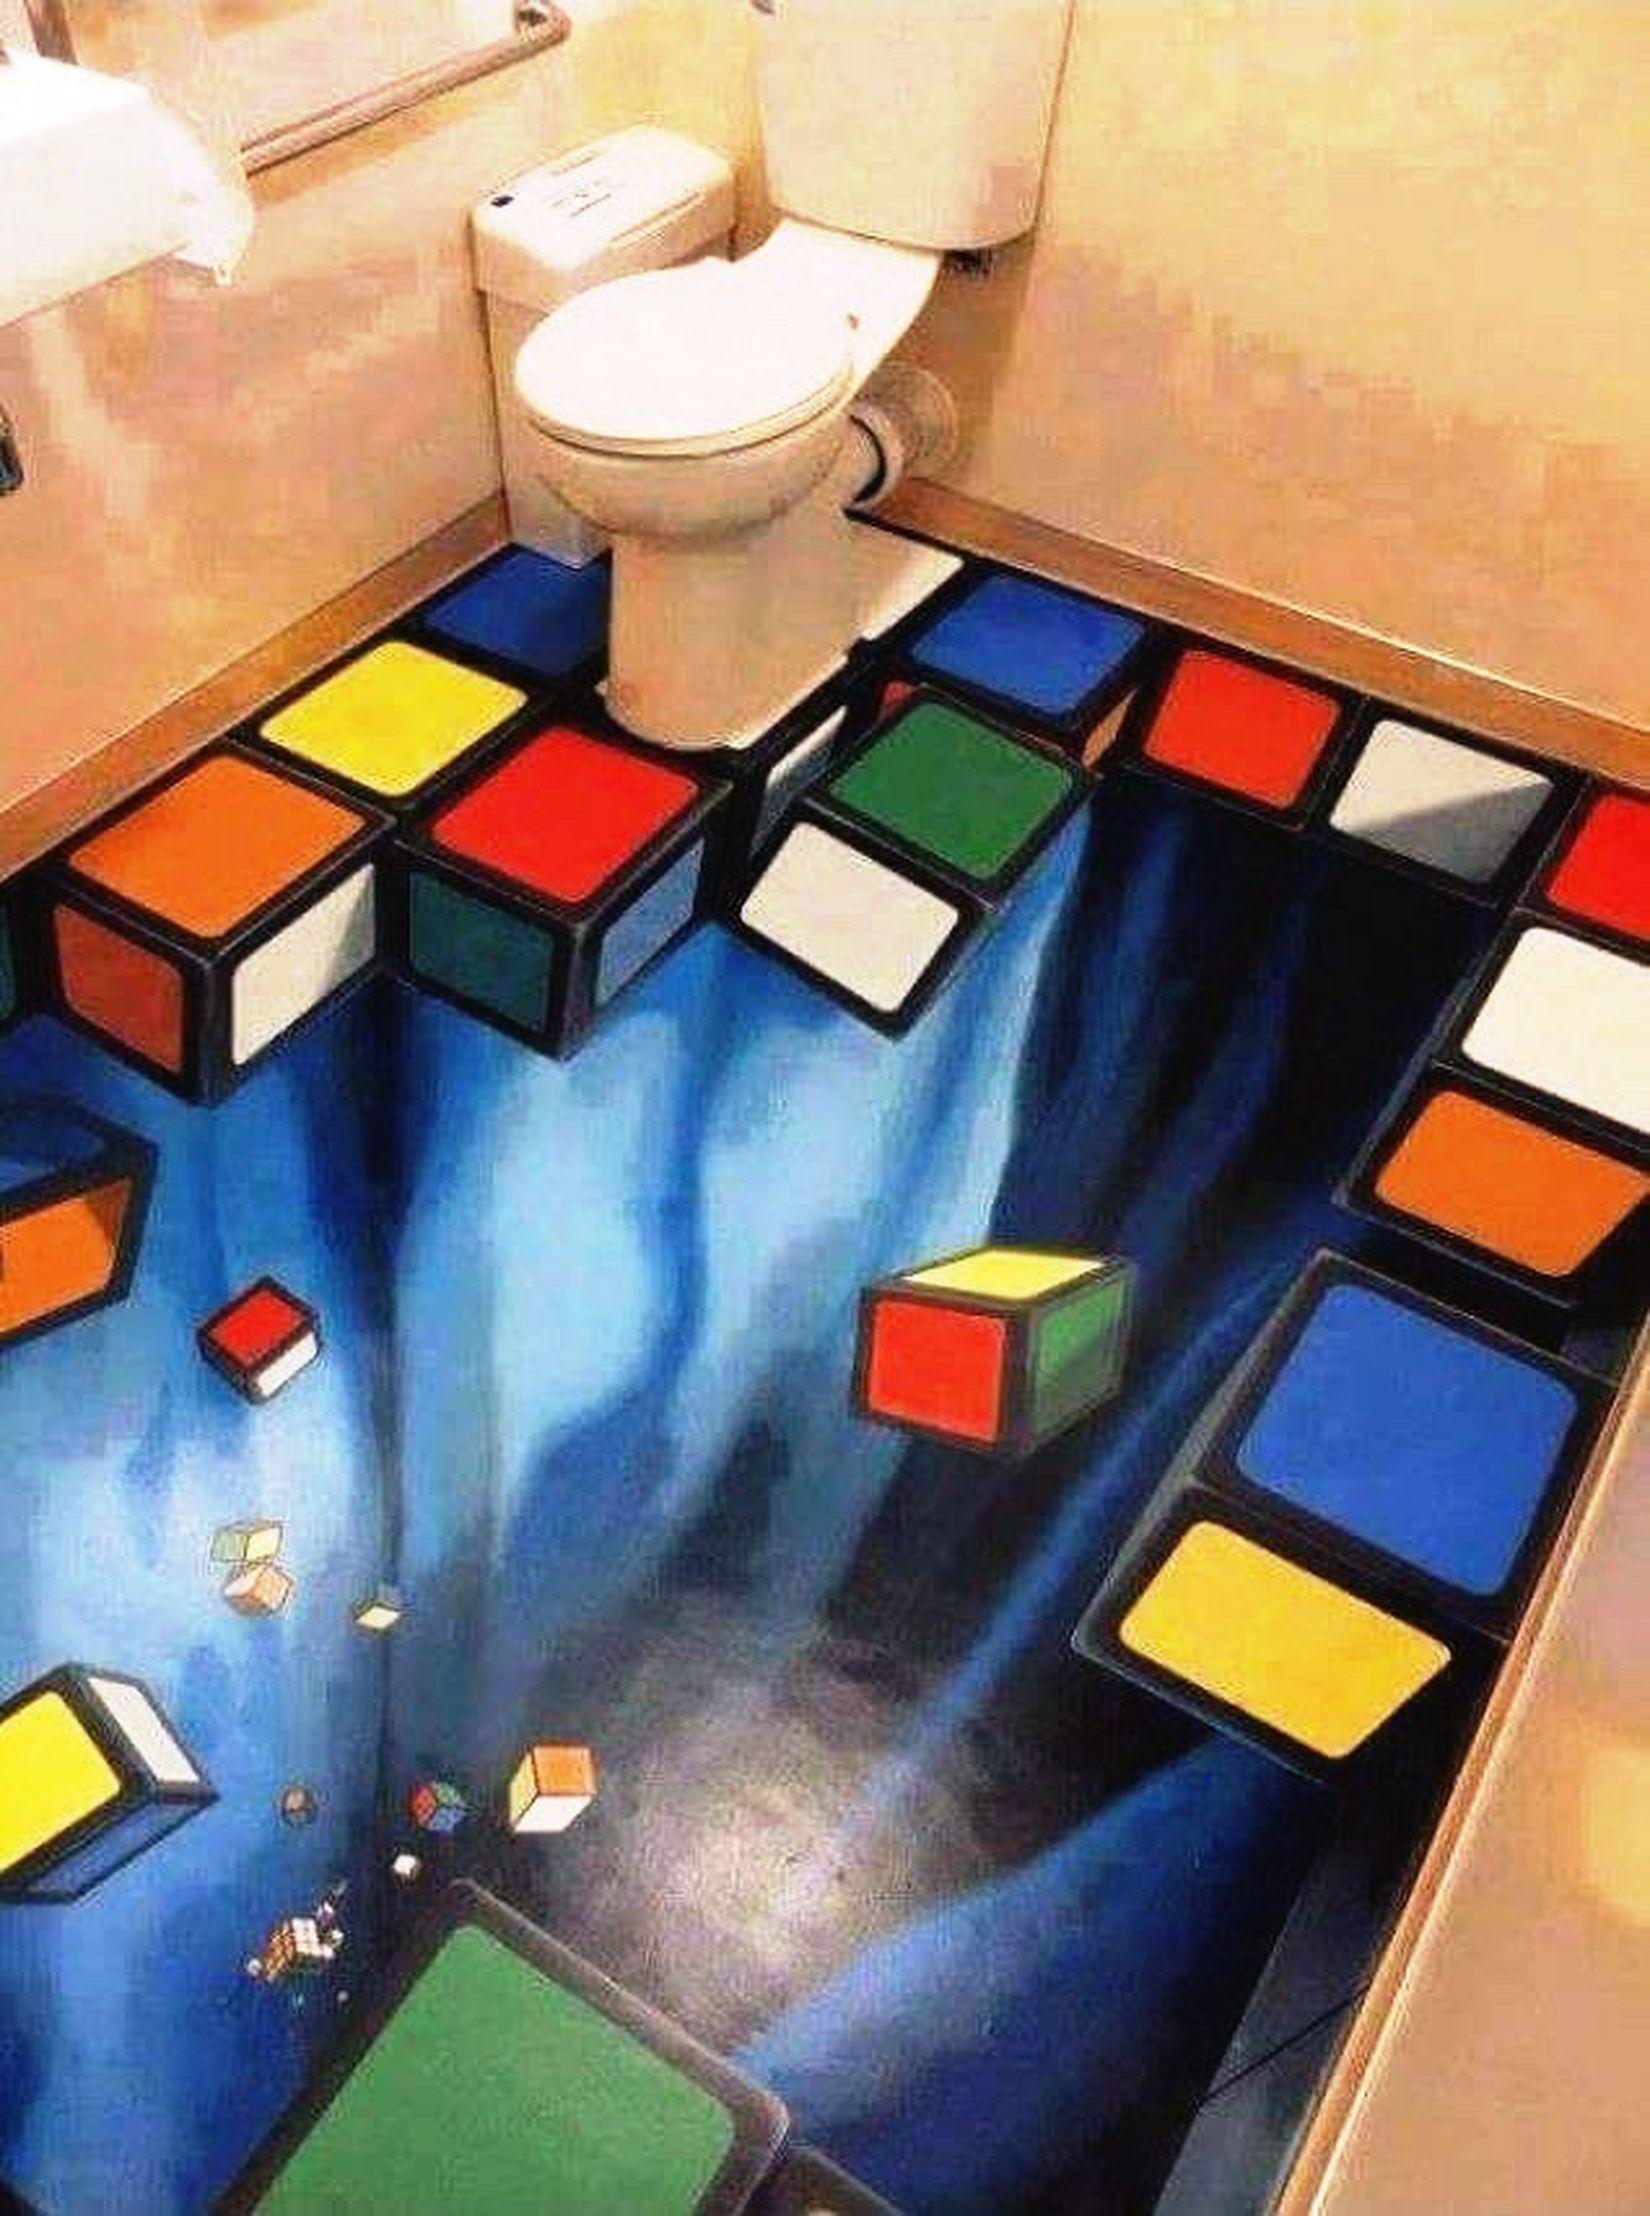 Porcelanato Ilusão De ótica😜 Banheiro Magico Incrivelcomoficouparecido First Eyeem Photo